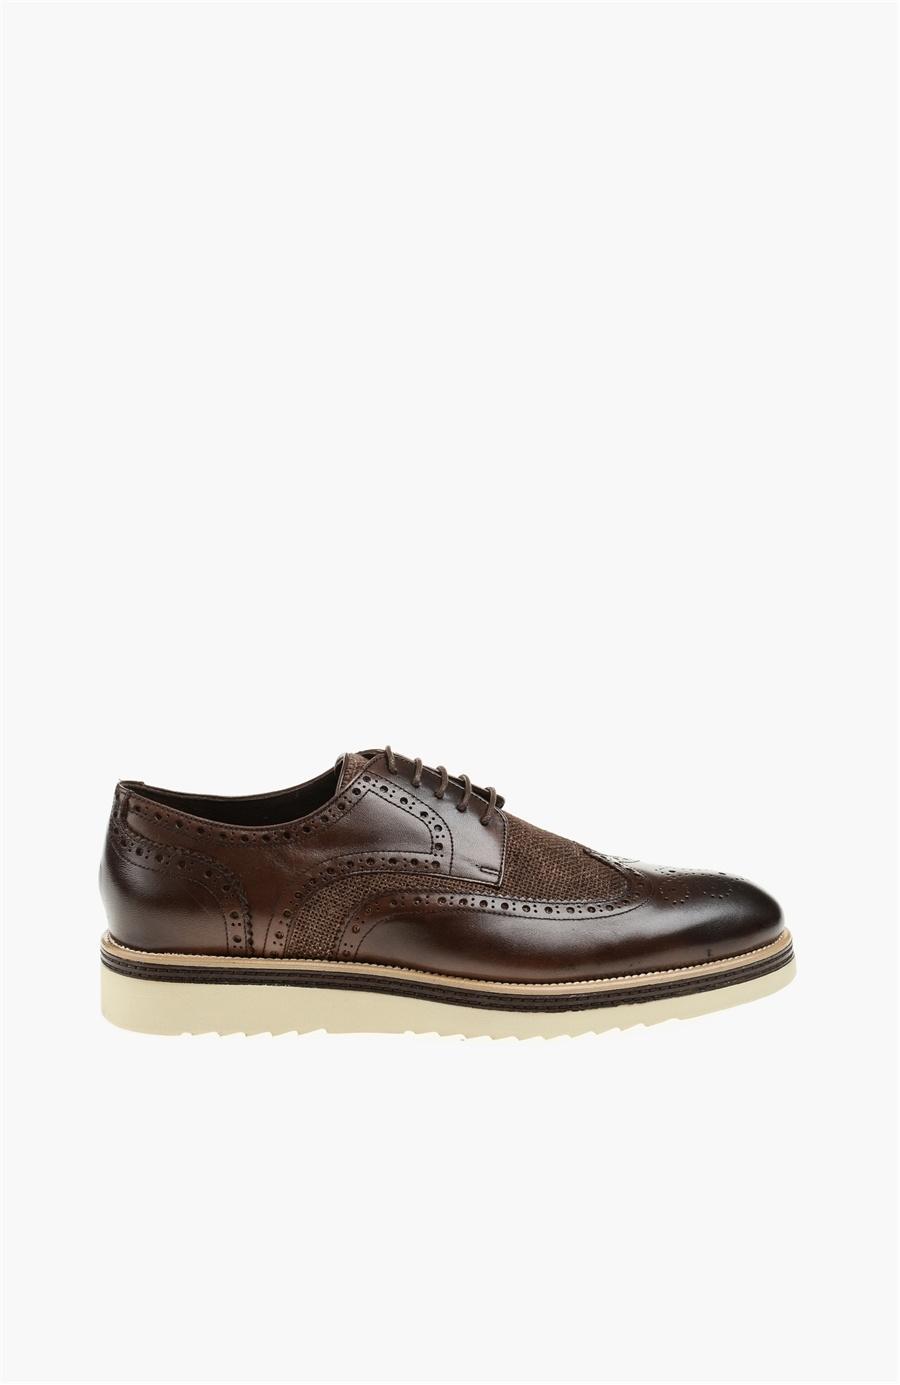 Zımba Desenli Kahverengi Ayakkabı - Renk Kahverengi - Network